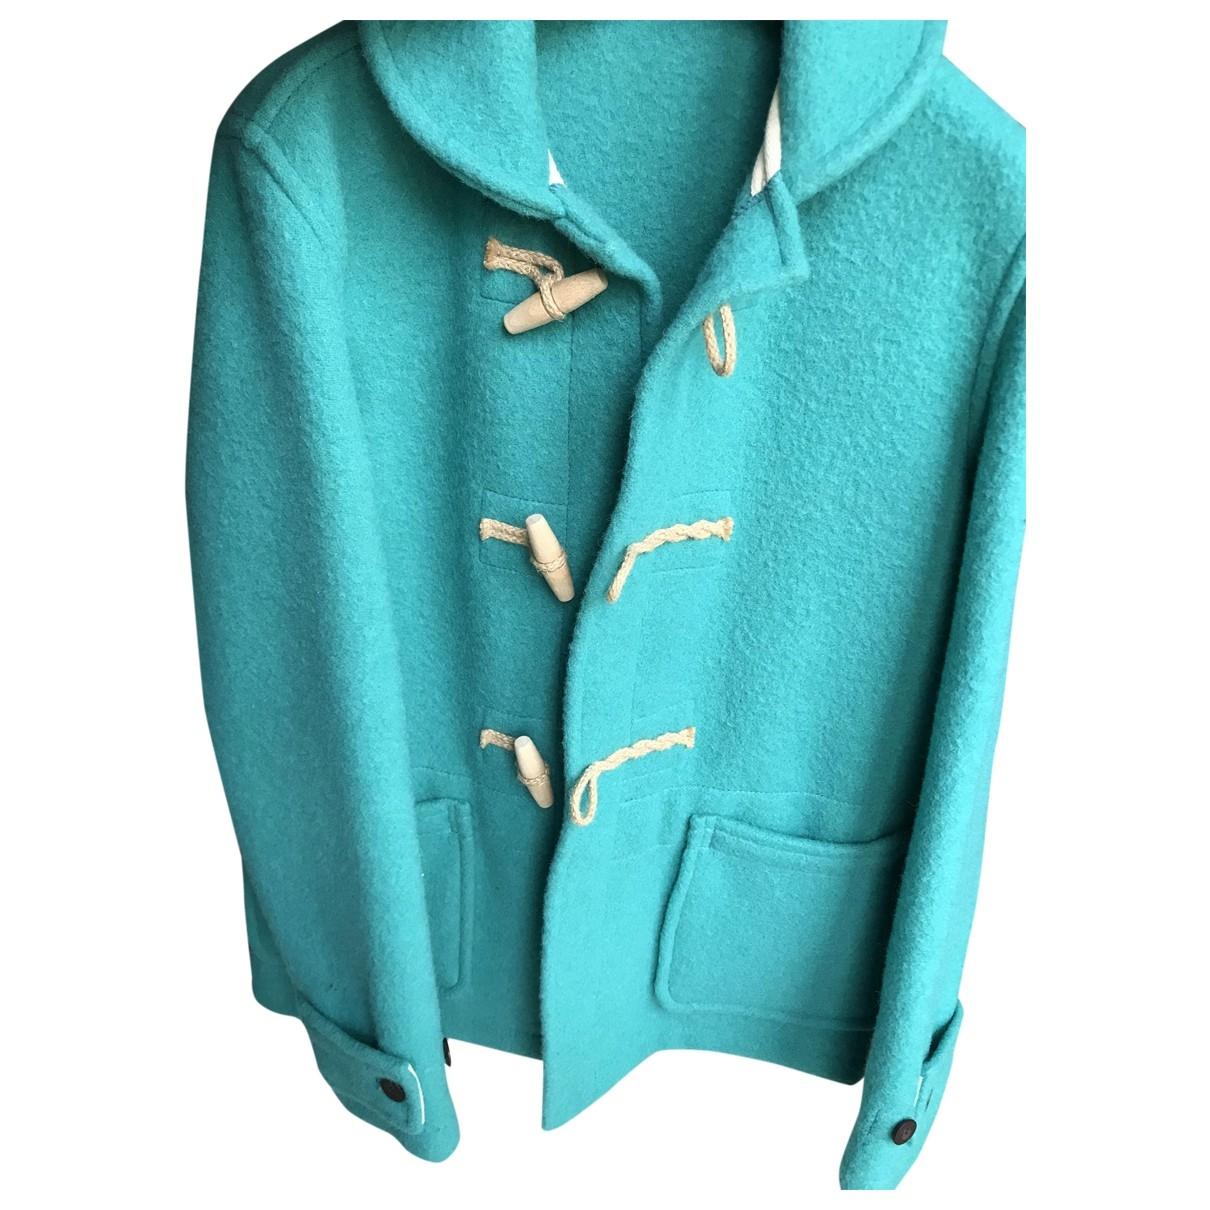 Ymc \N Wool jacket  for Men XS International